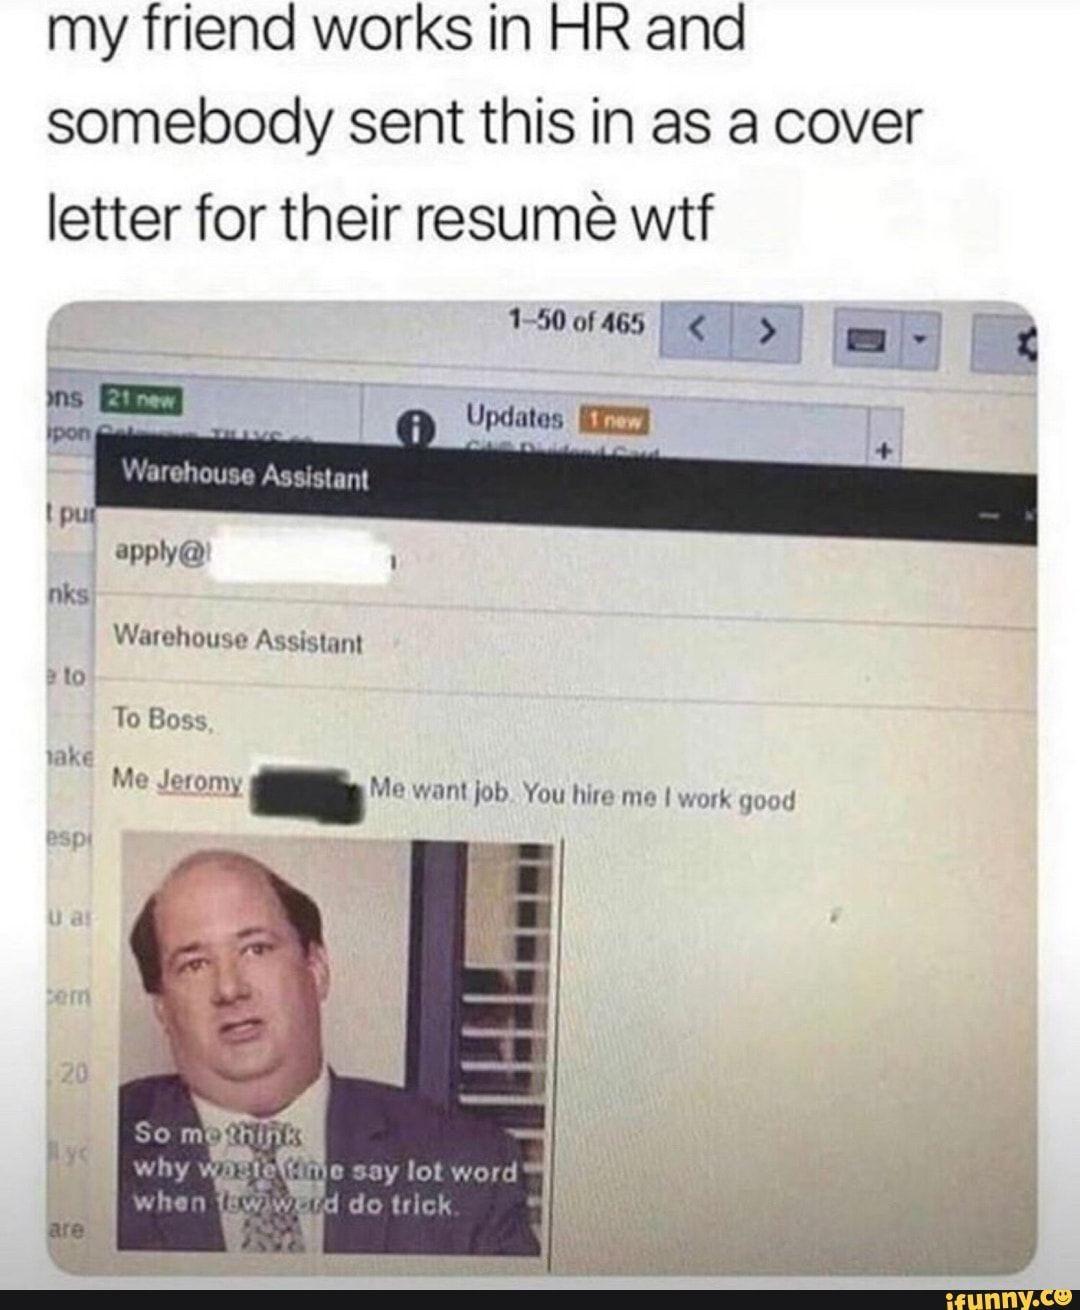 resume-meme-keep-cover-letter-short